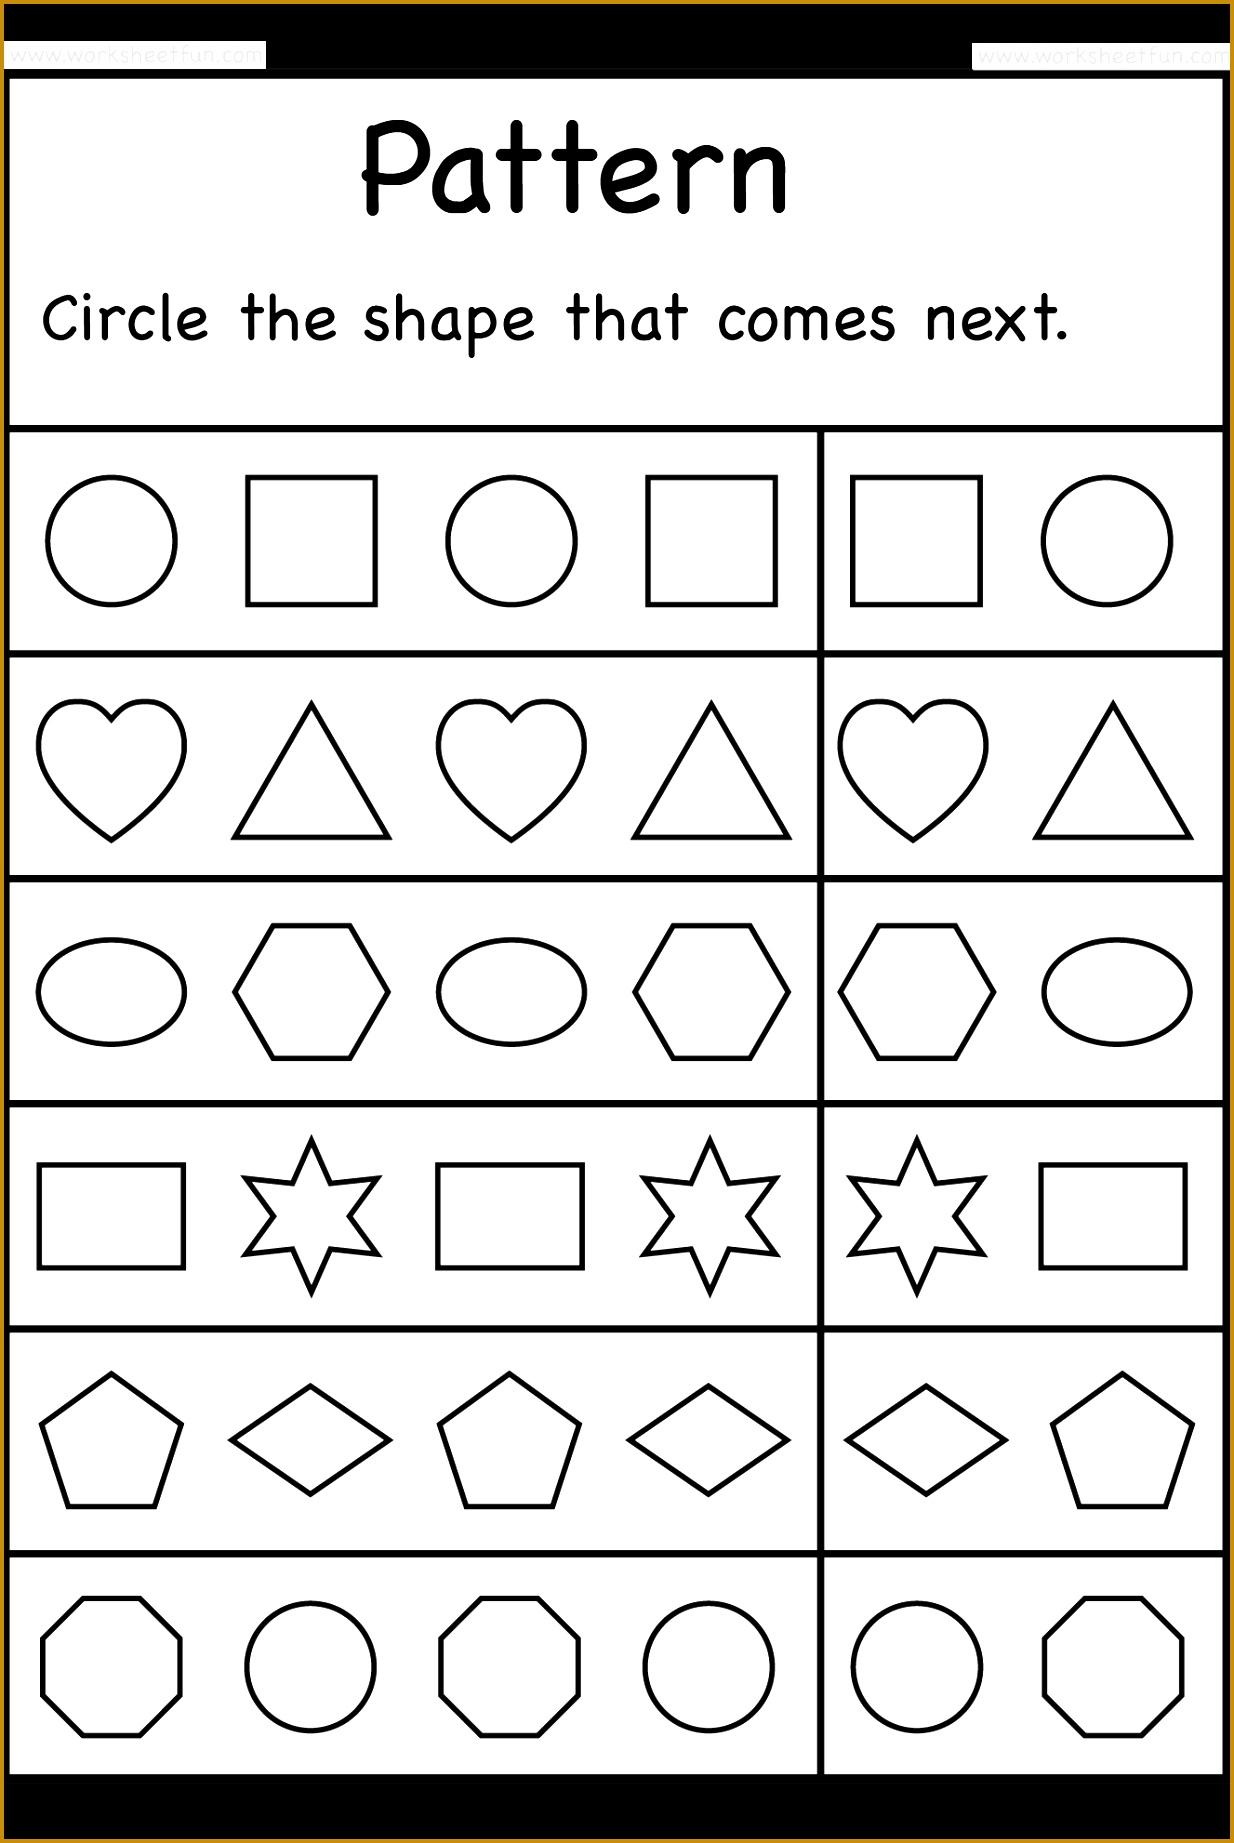 4 Free Printable Kindergarten Worksheets